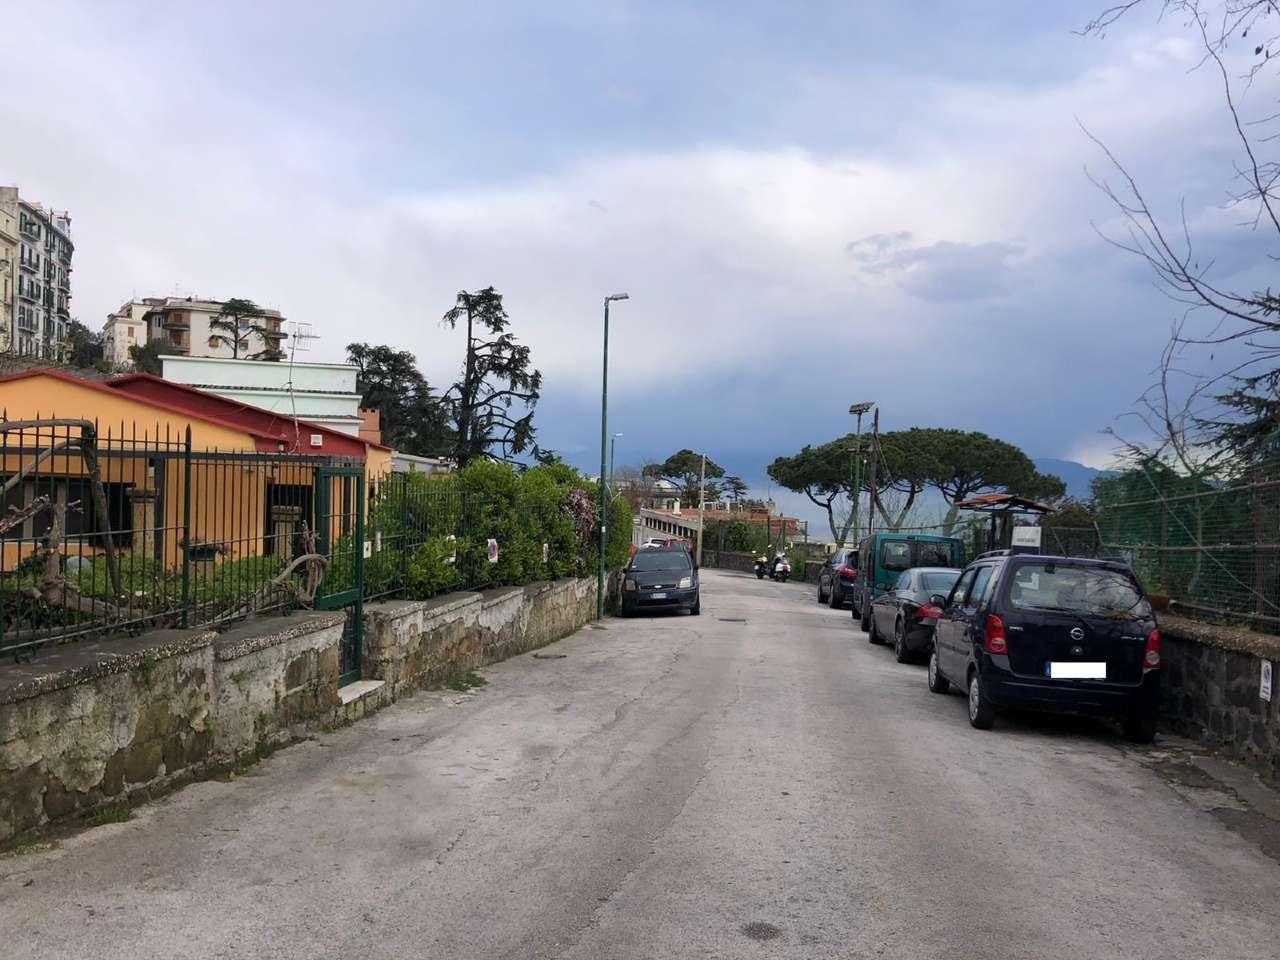 Appartamento, Via Aniello Falcone, zona Vomero, Napoli, foto 10